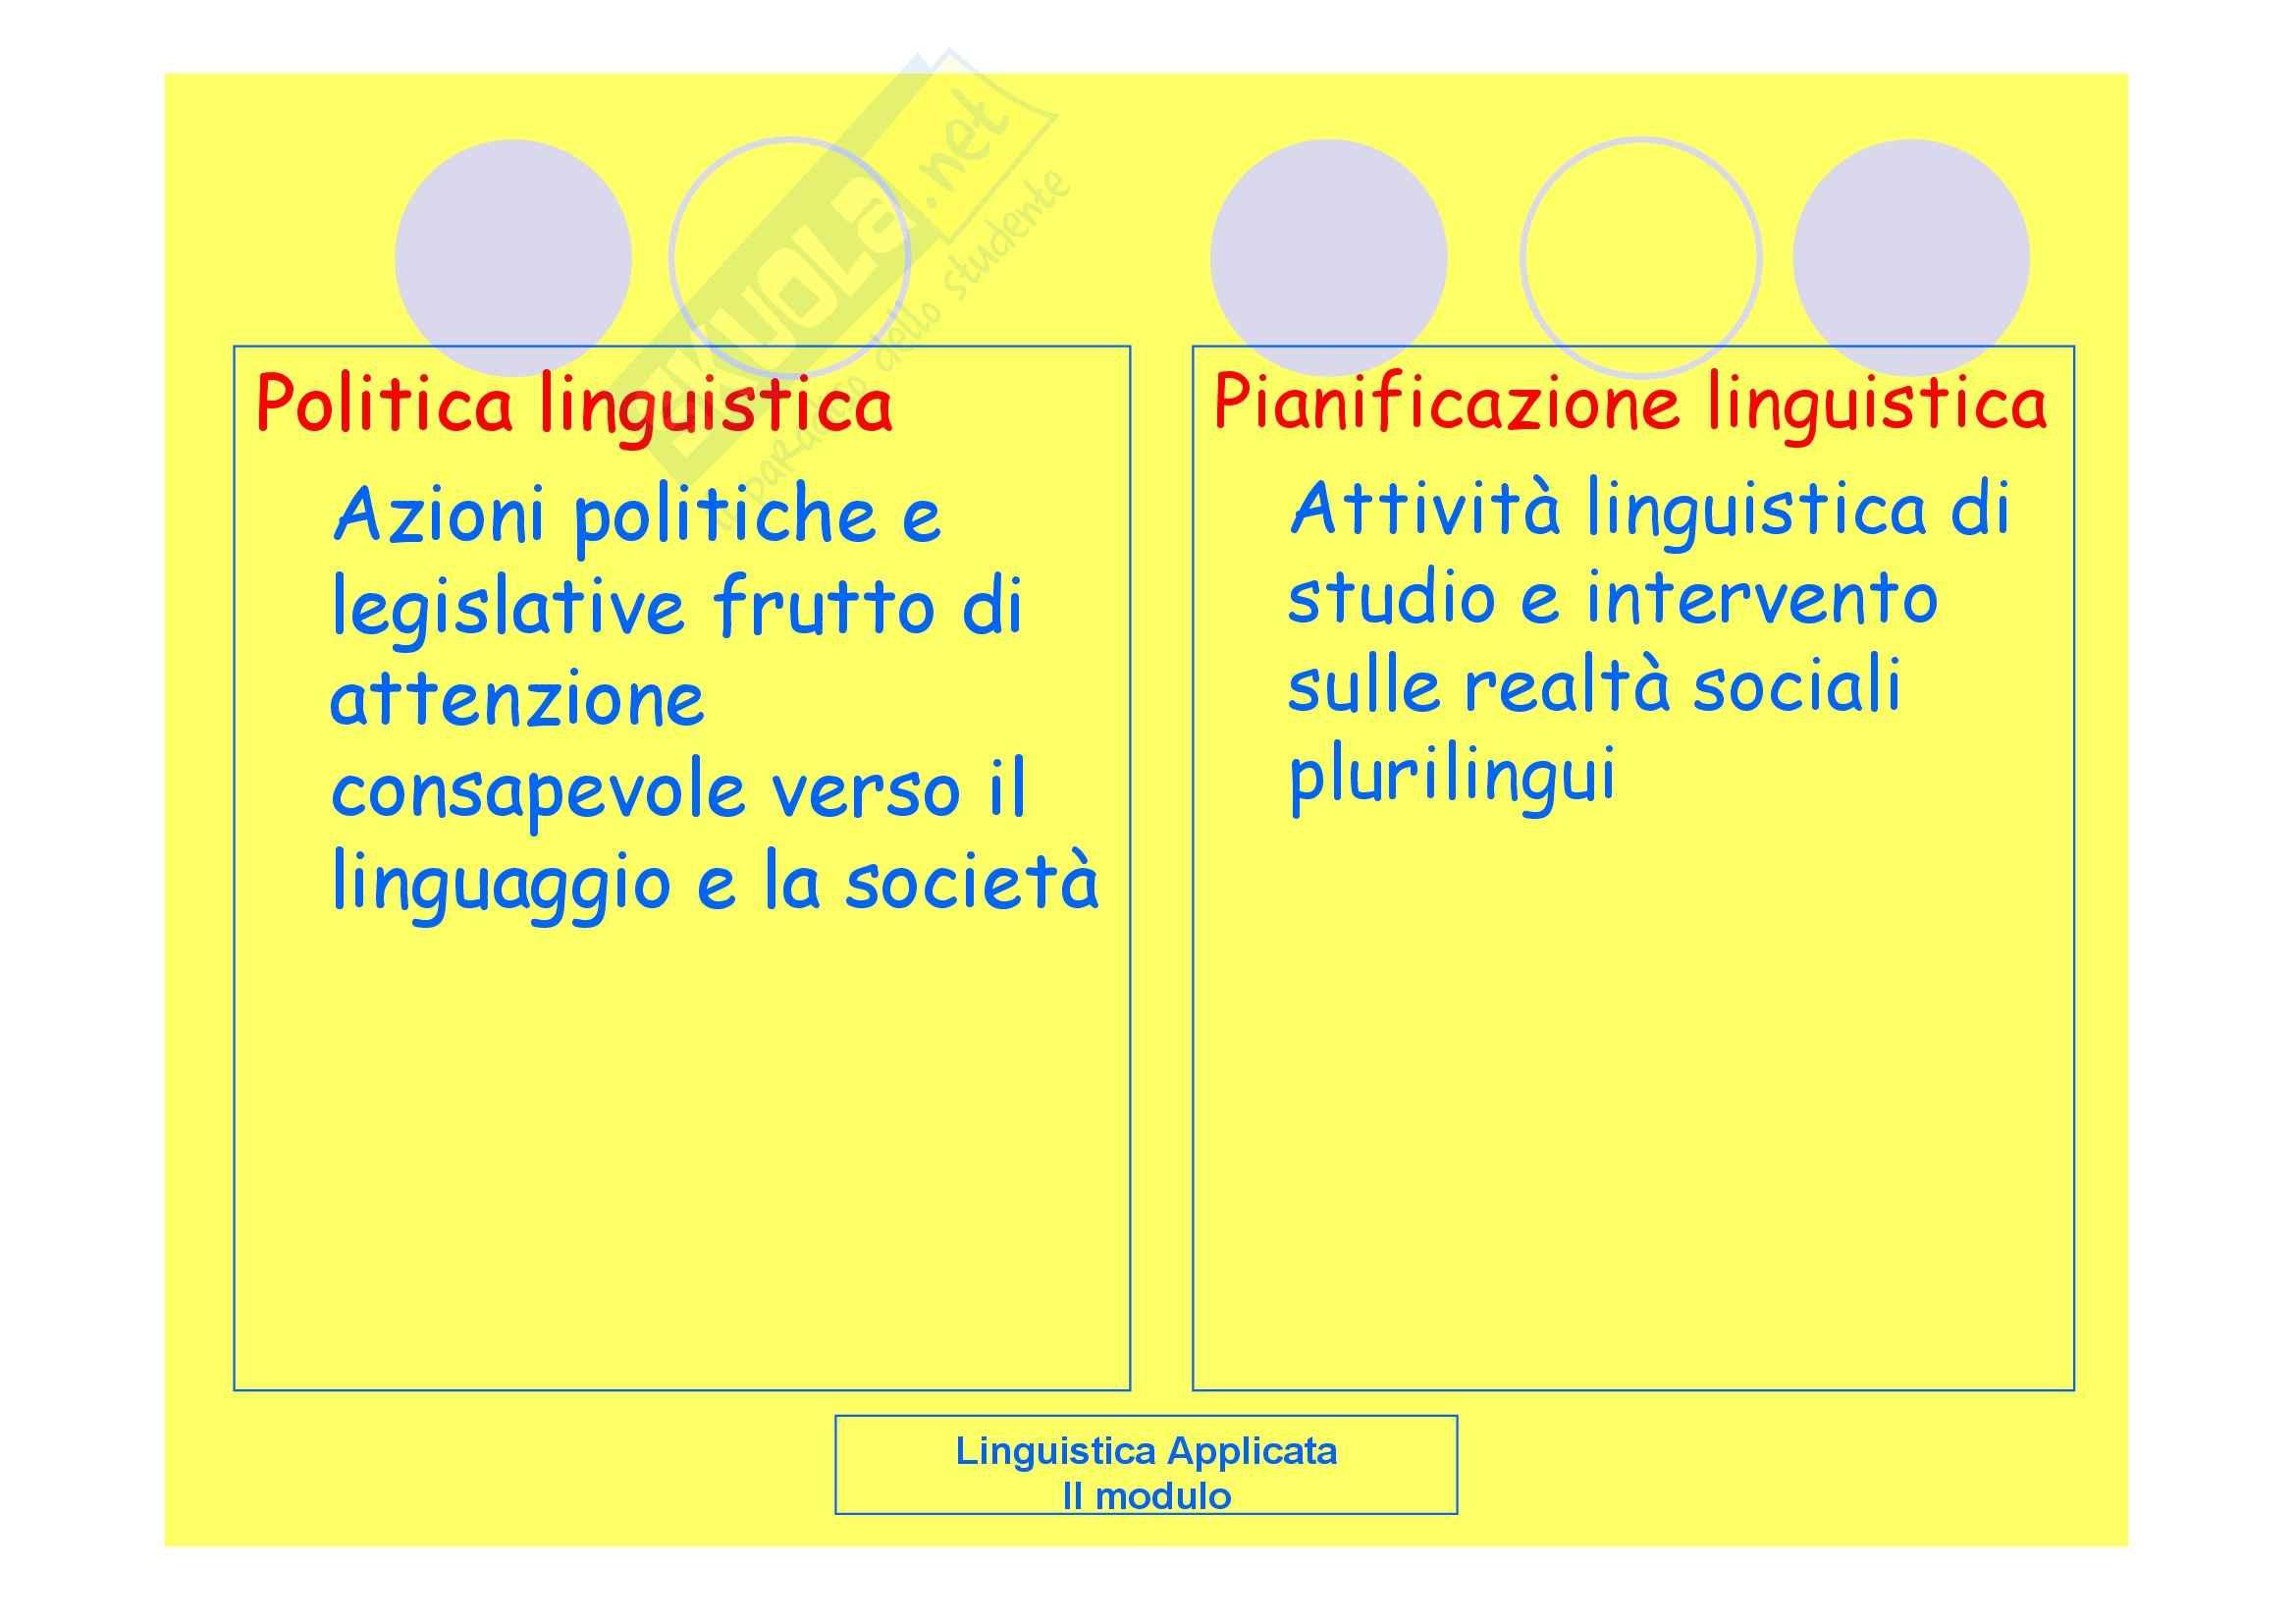 Linguistica applicata - la pianificazione linguistica Pag. 2